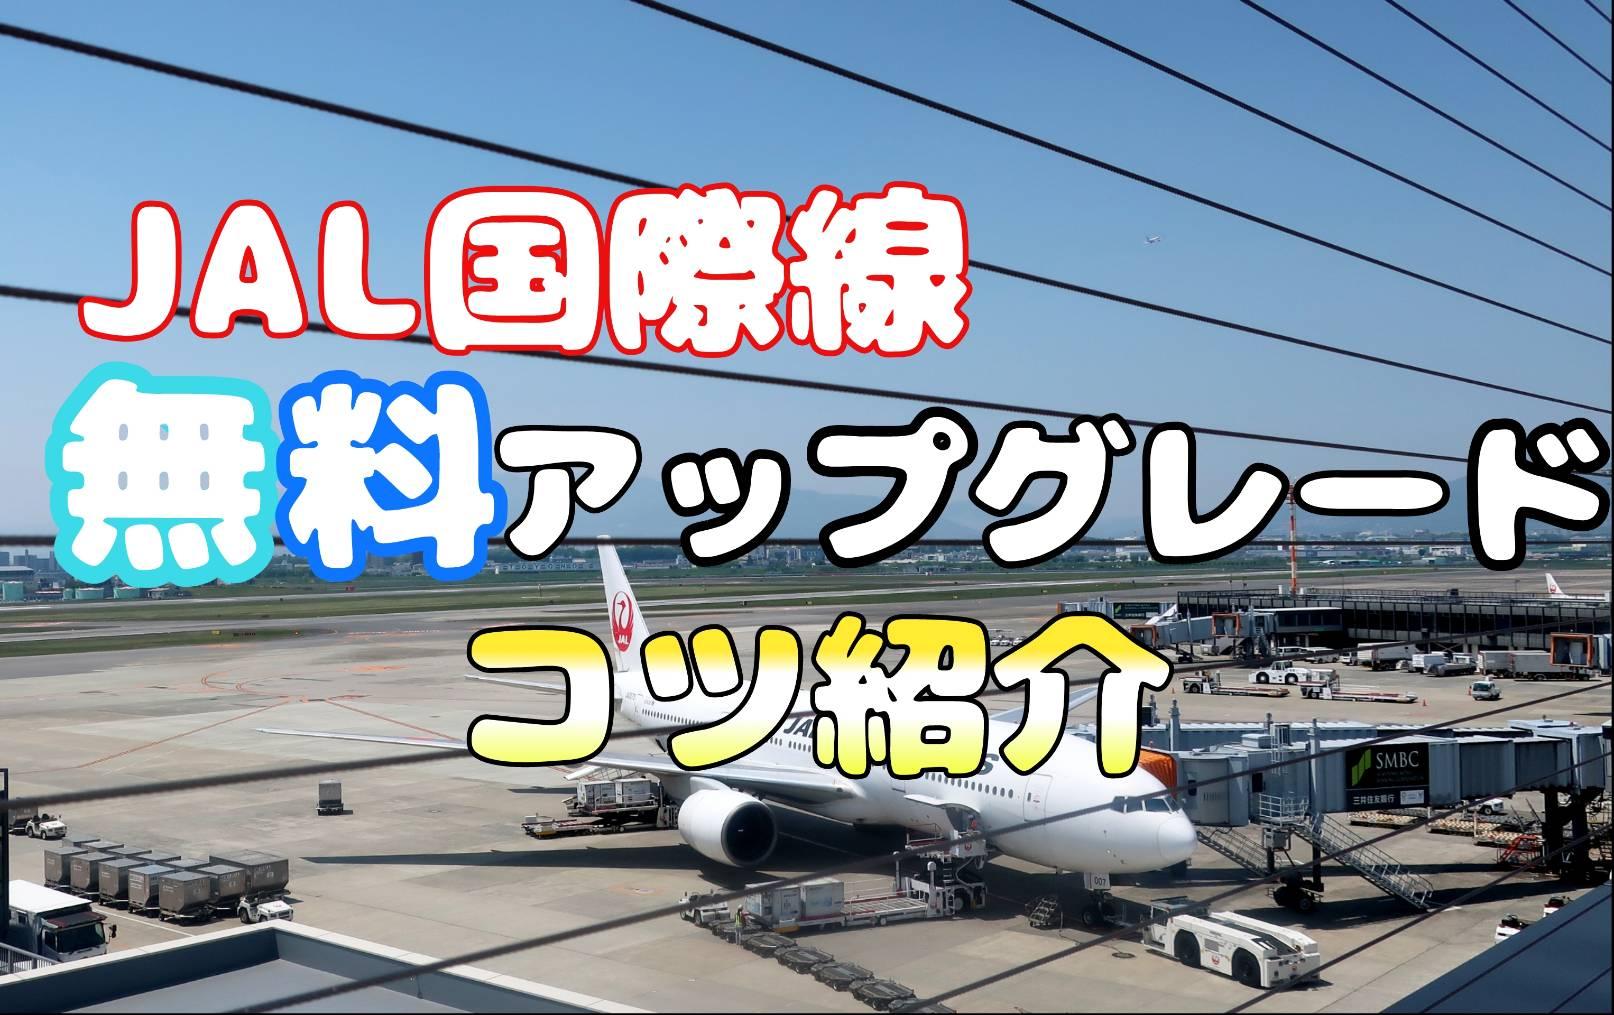 【JAL】無料アップグレードを3回してもらったコツを紹介【国際線】